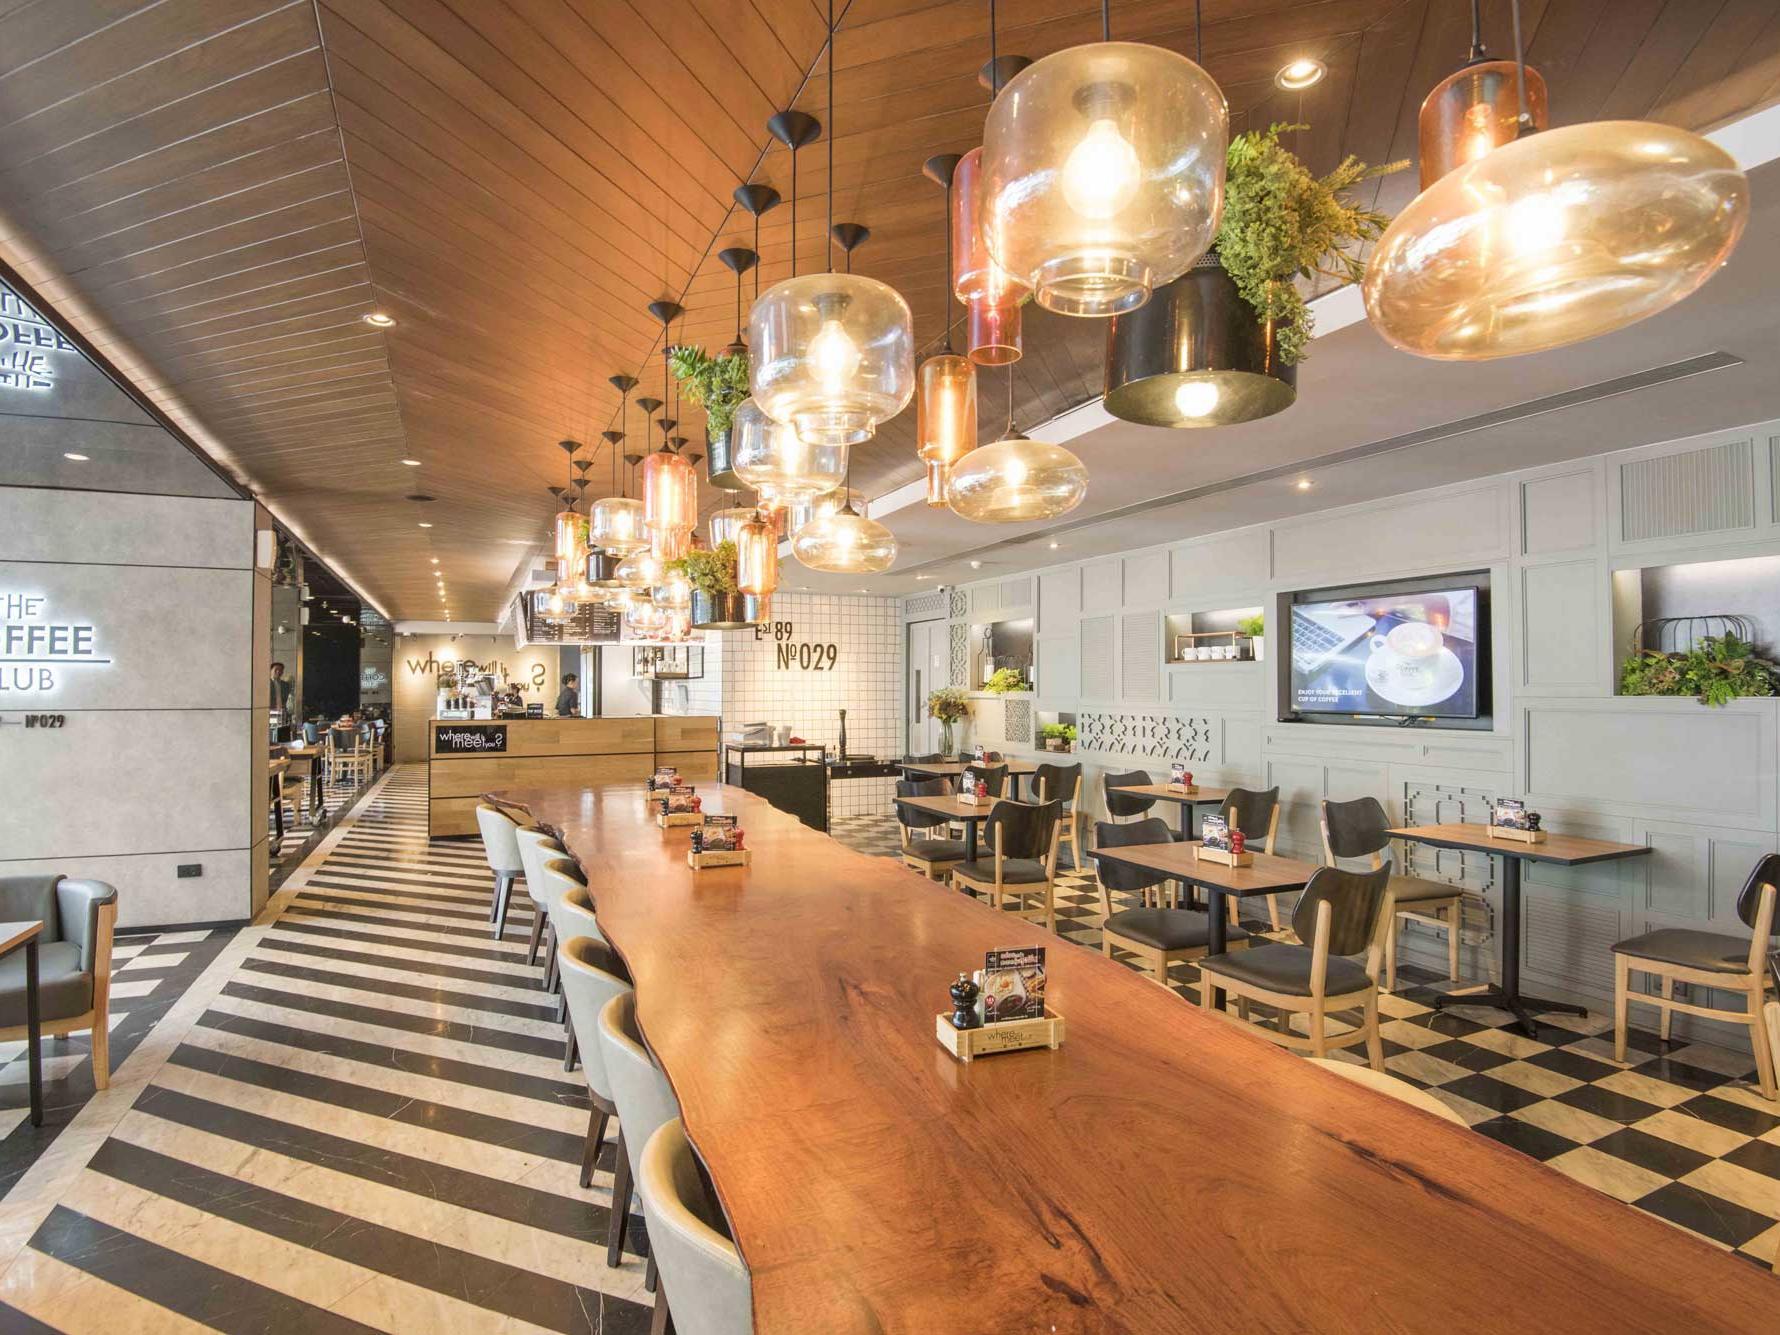 Coffee Club dining area entrance at Maitria Hotel Sukhumvit 18 Bangkok